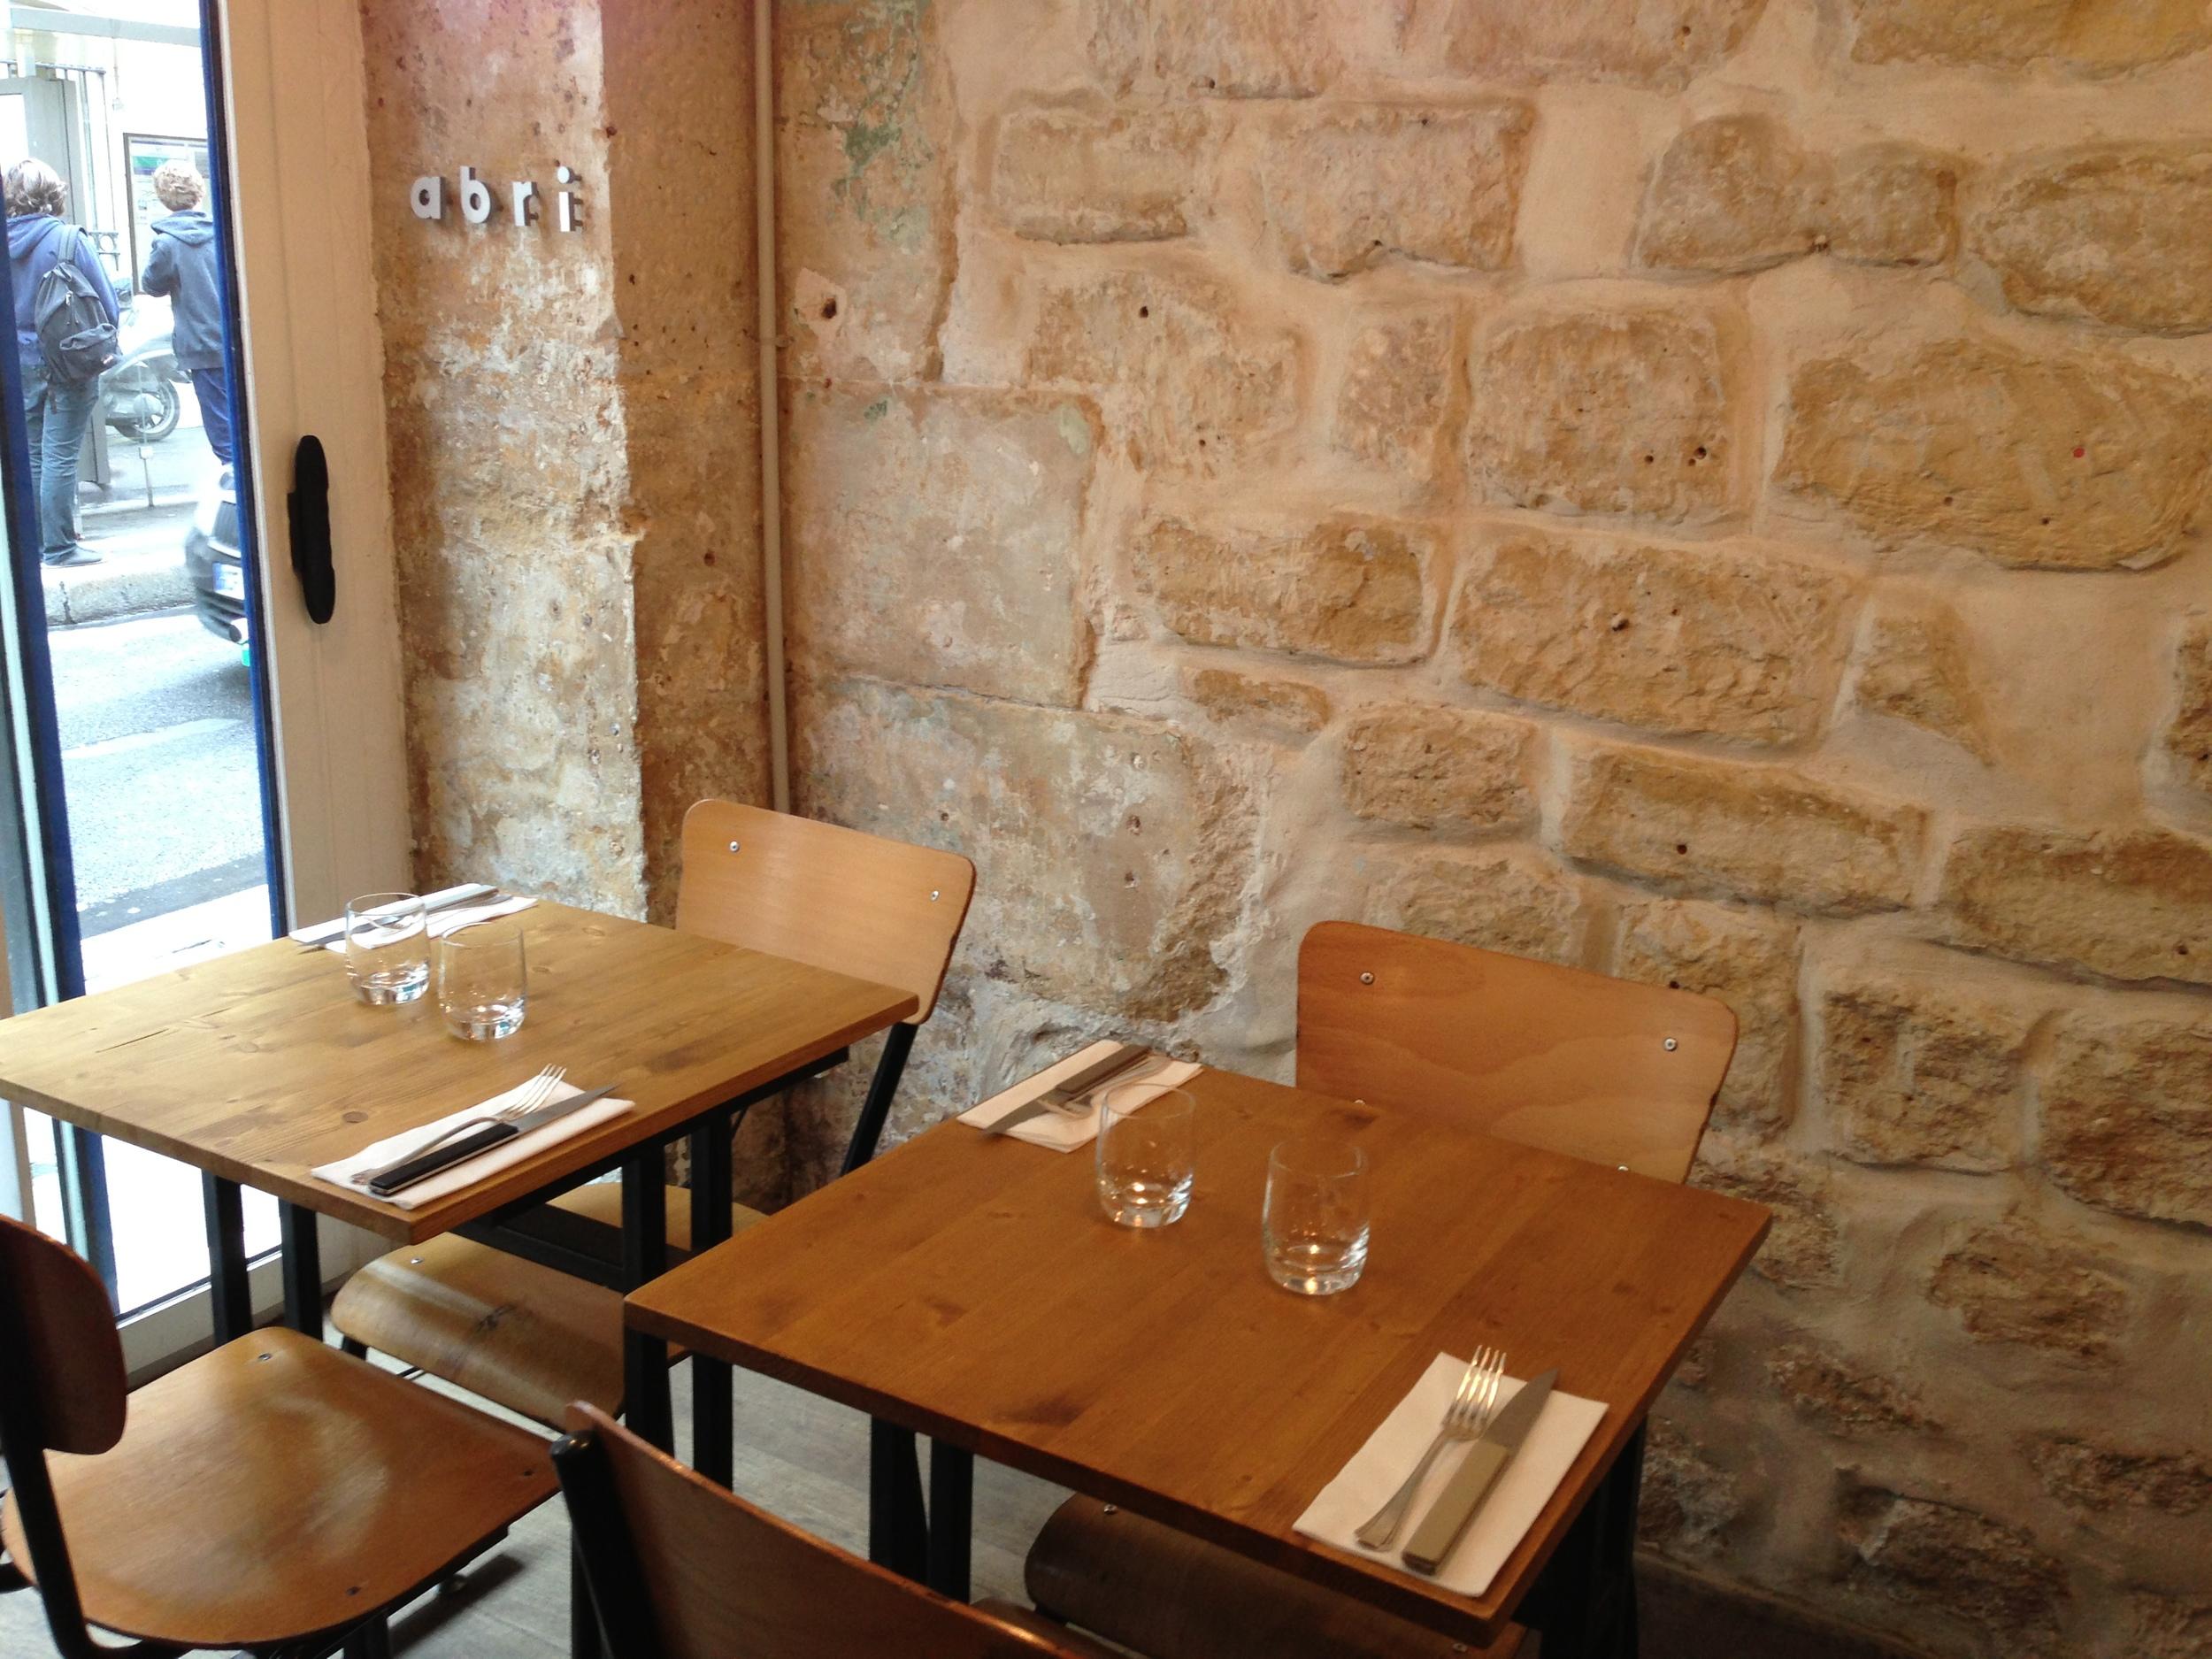 abri-labri-restaurant-paris-japon-japonais-cuisine-gastronomie-menu-plats-entrecc81e-surprise-chef-metro-poissonniere-salle.jpg